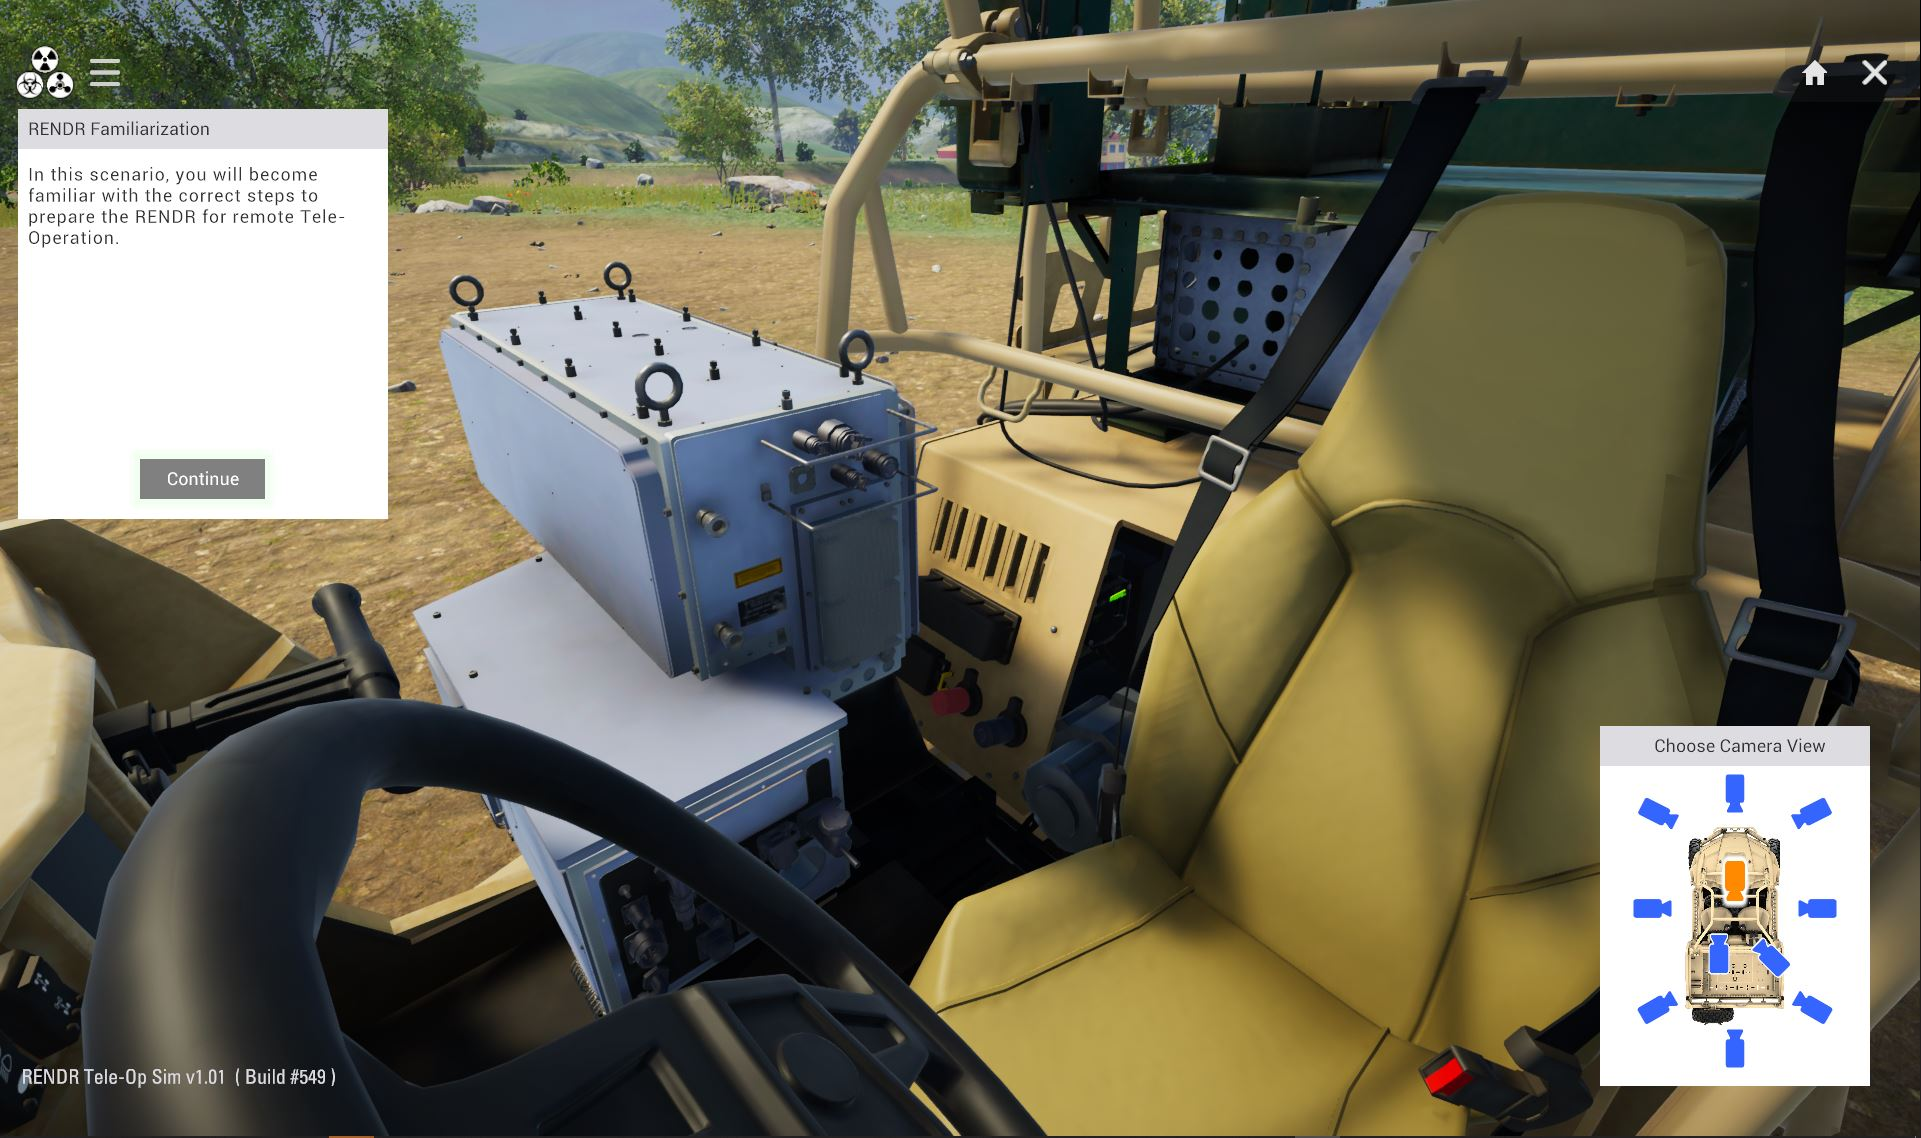 Remote Teleoperation Simulation Based Training